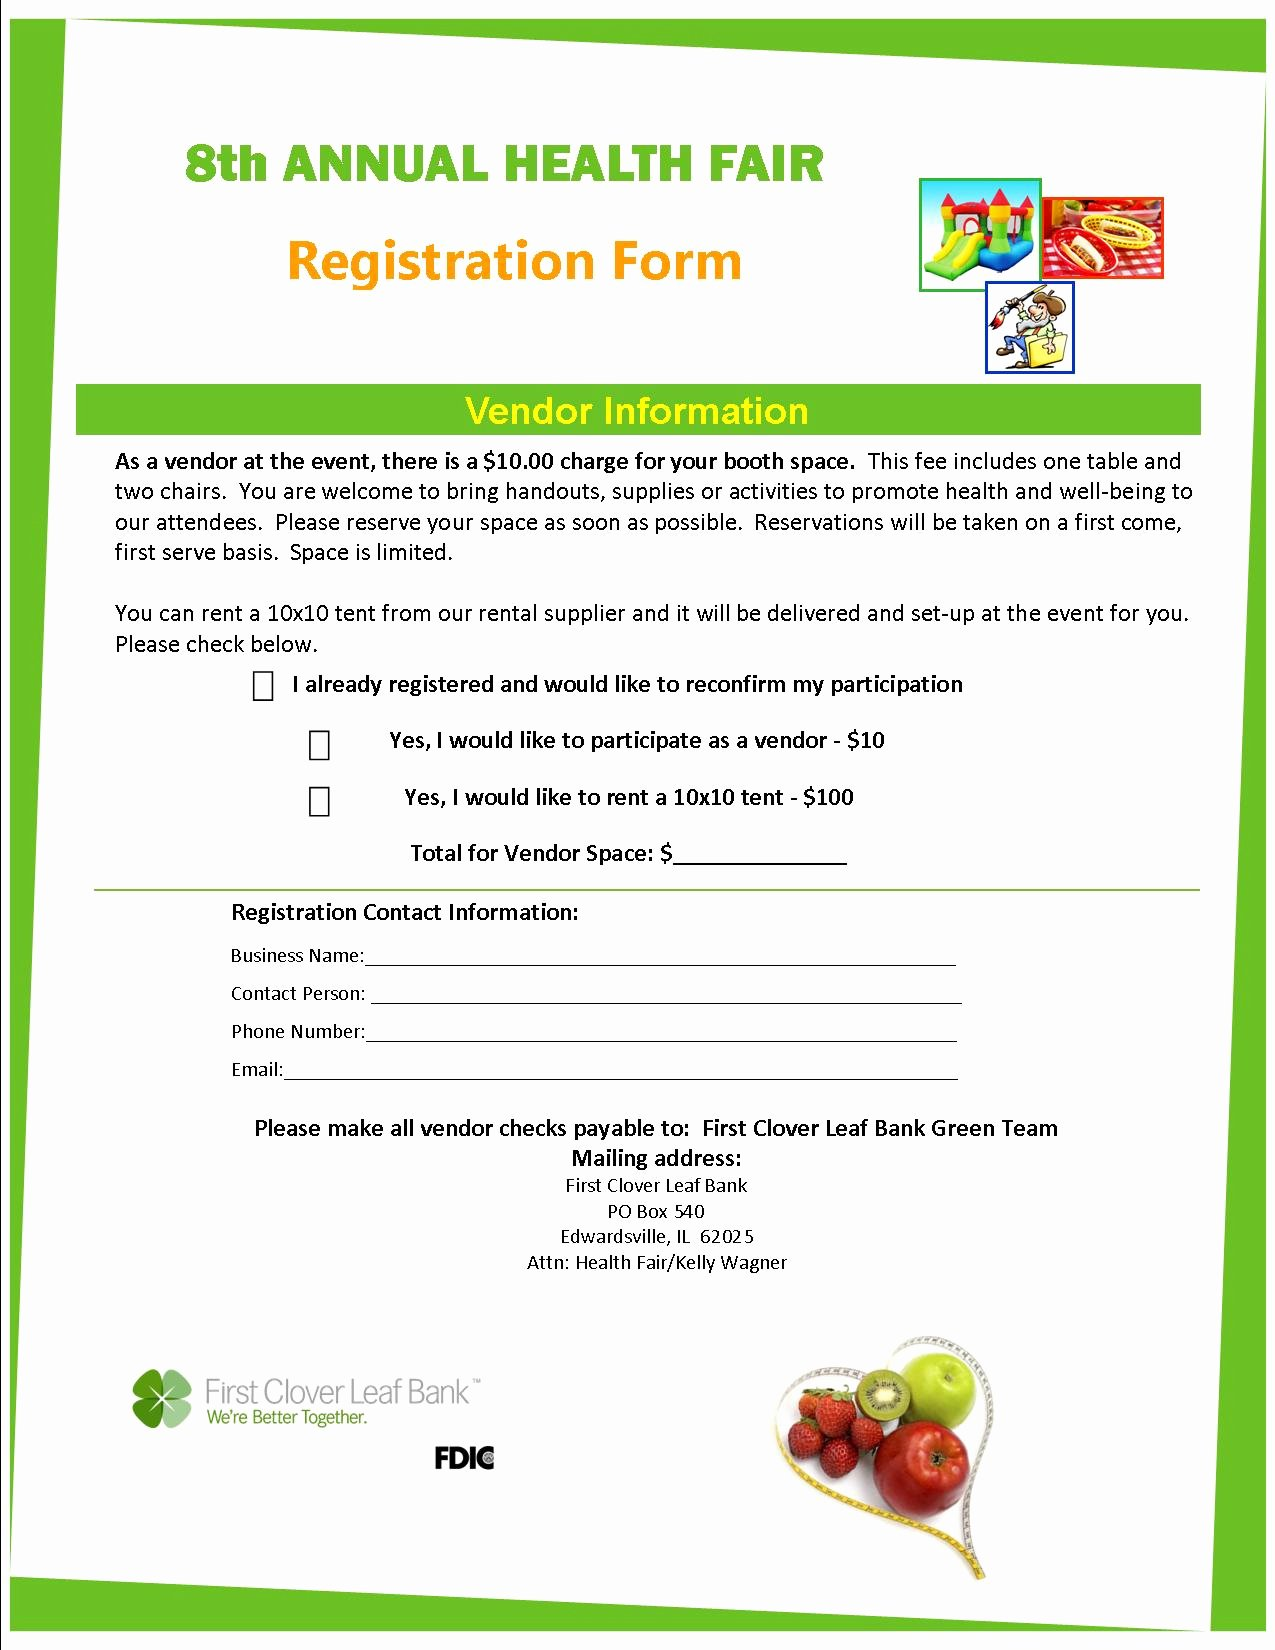 Vendor Registration form Template Fresh First Clover Leaf Bank